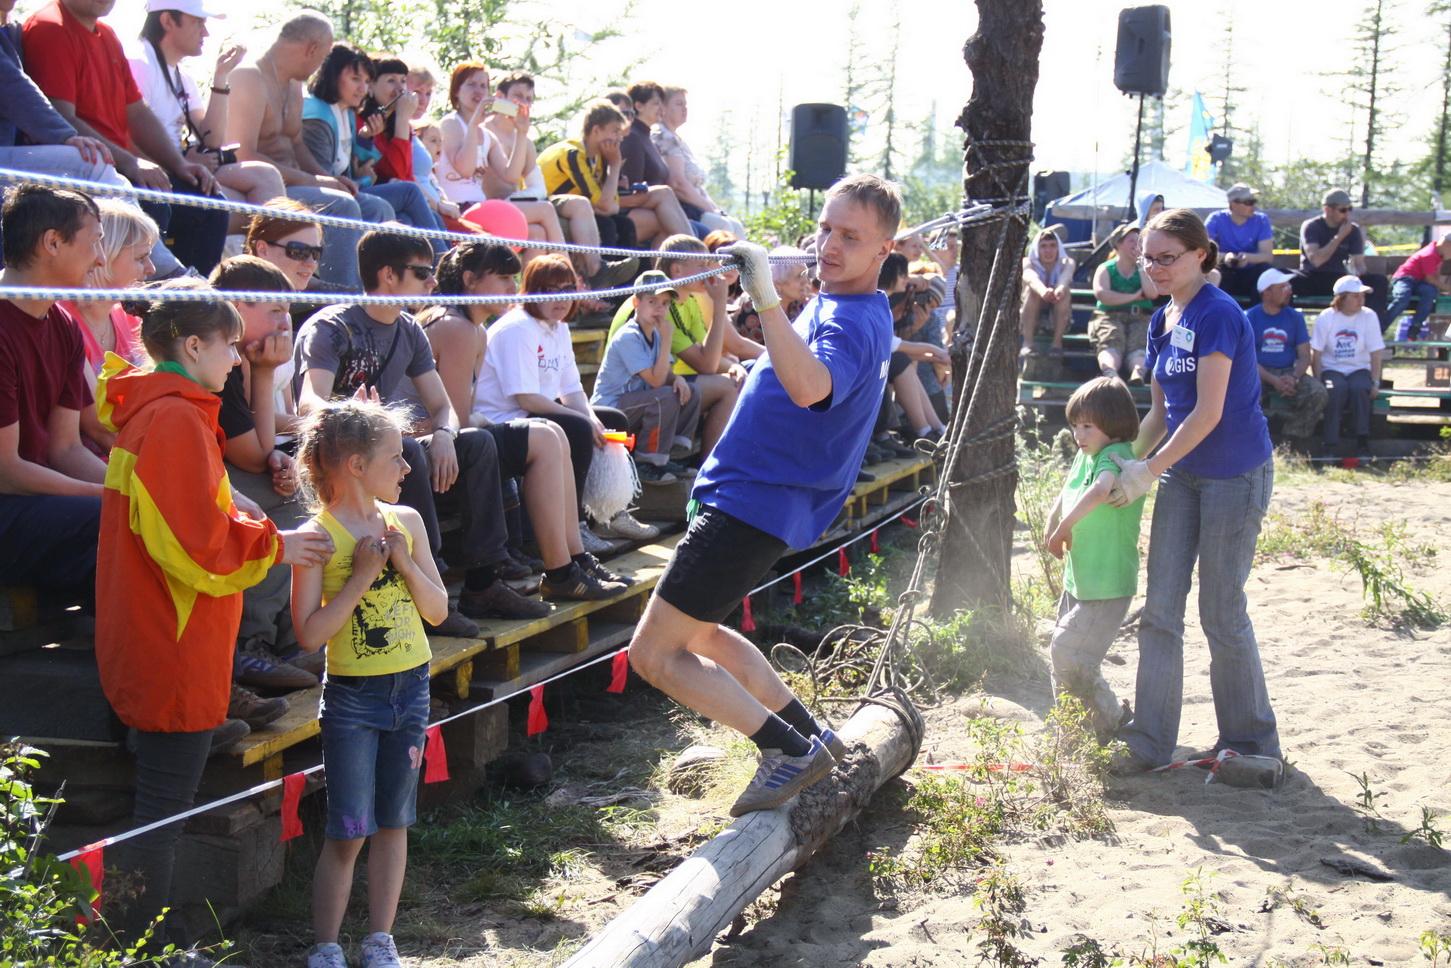 """Норильчан приглашают принять участие в 48 традиционном слете туристов """"Хараелах-2016"""" в эти выходные"""